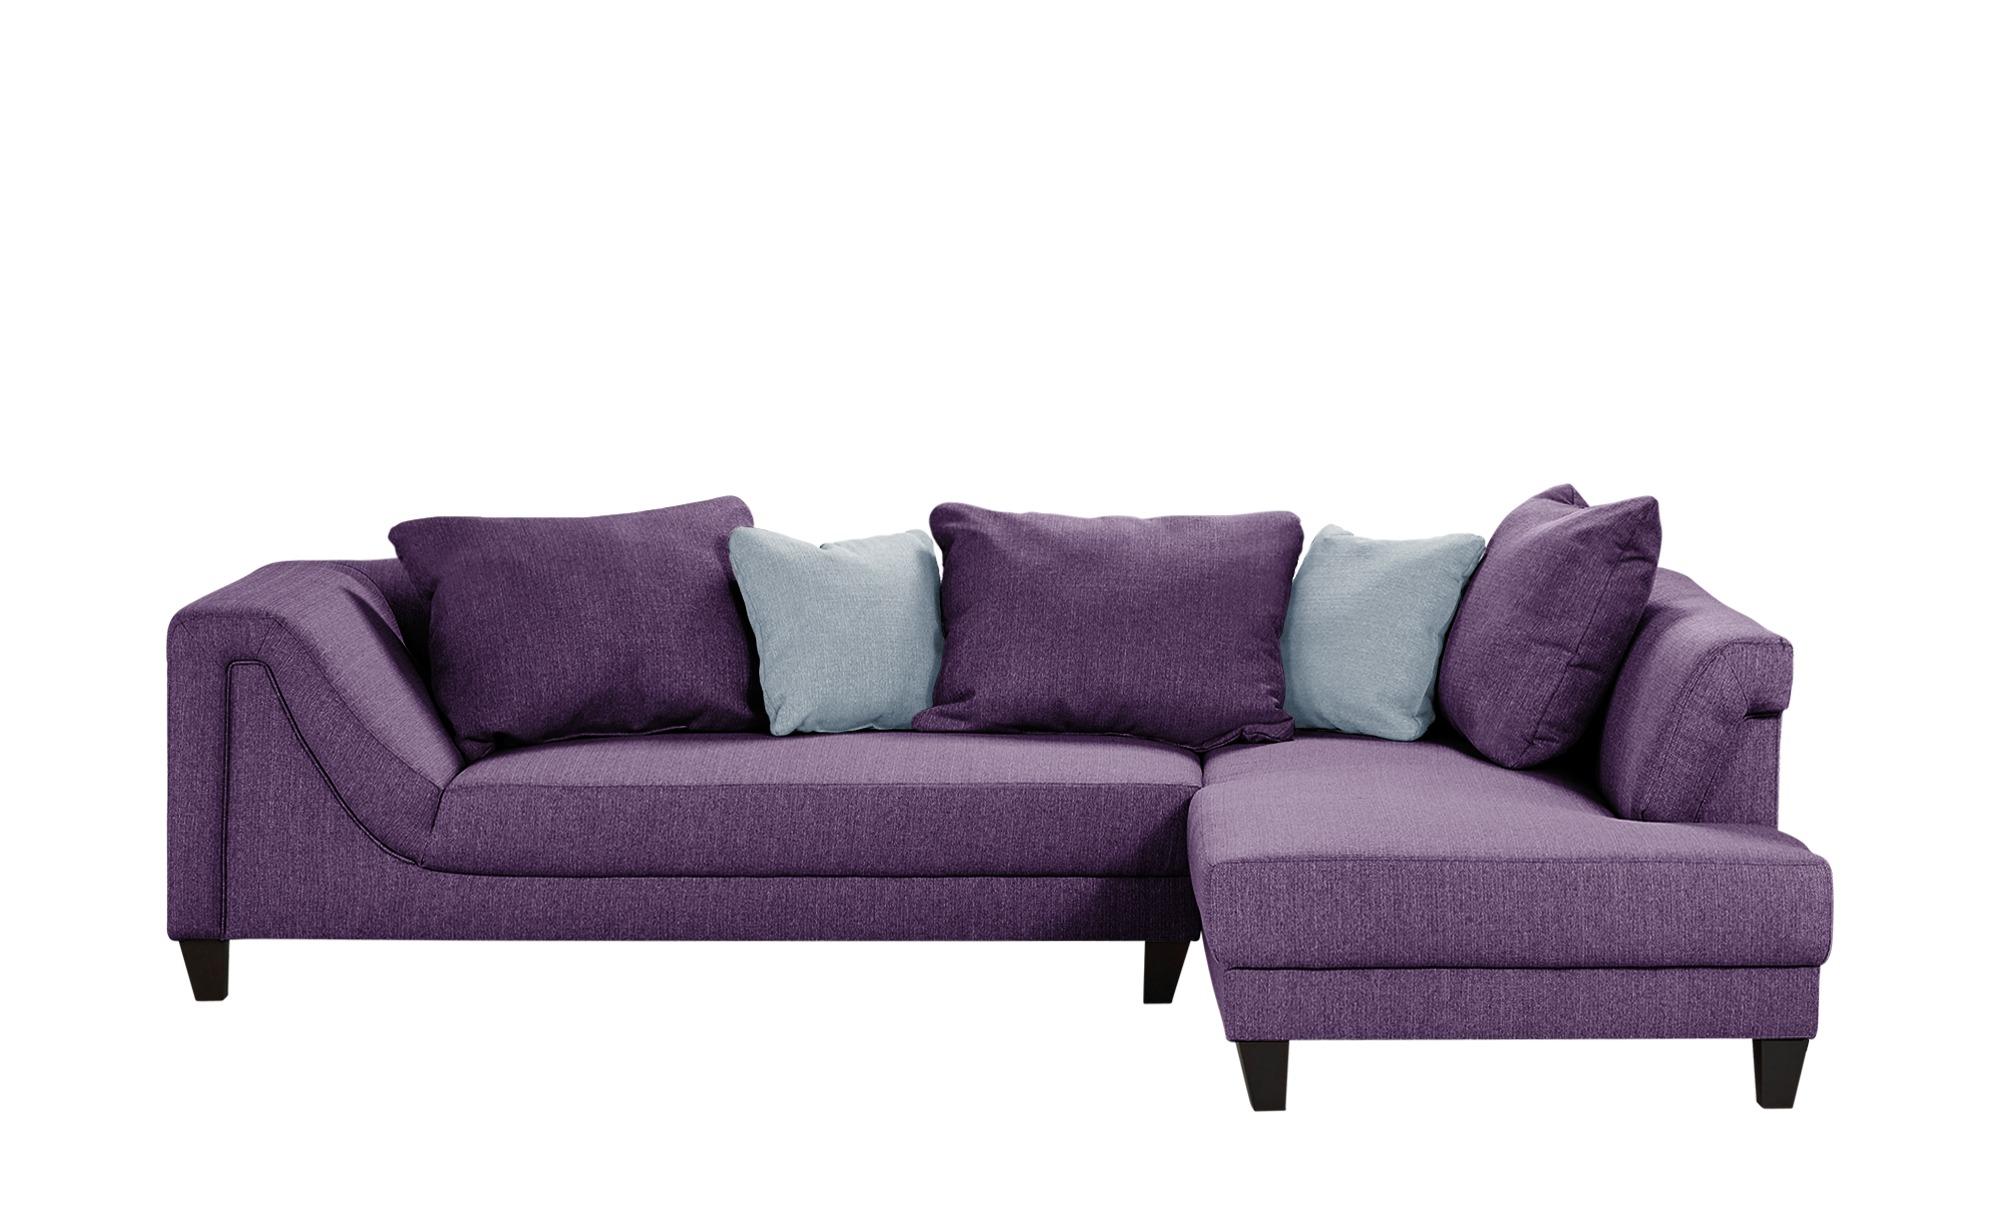 smart ecksofa bruni breite h he 70 cm online kaufen bei woonio. Black Bedroom Furniture Sets. Home Design Ideas